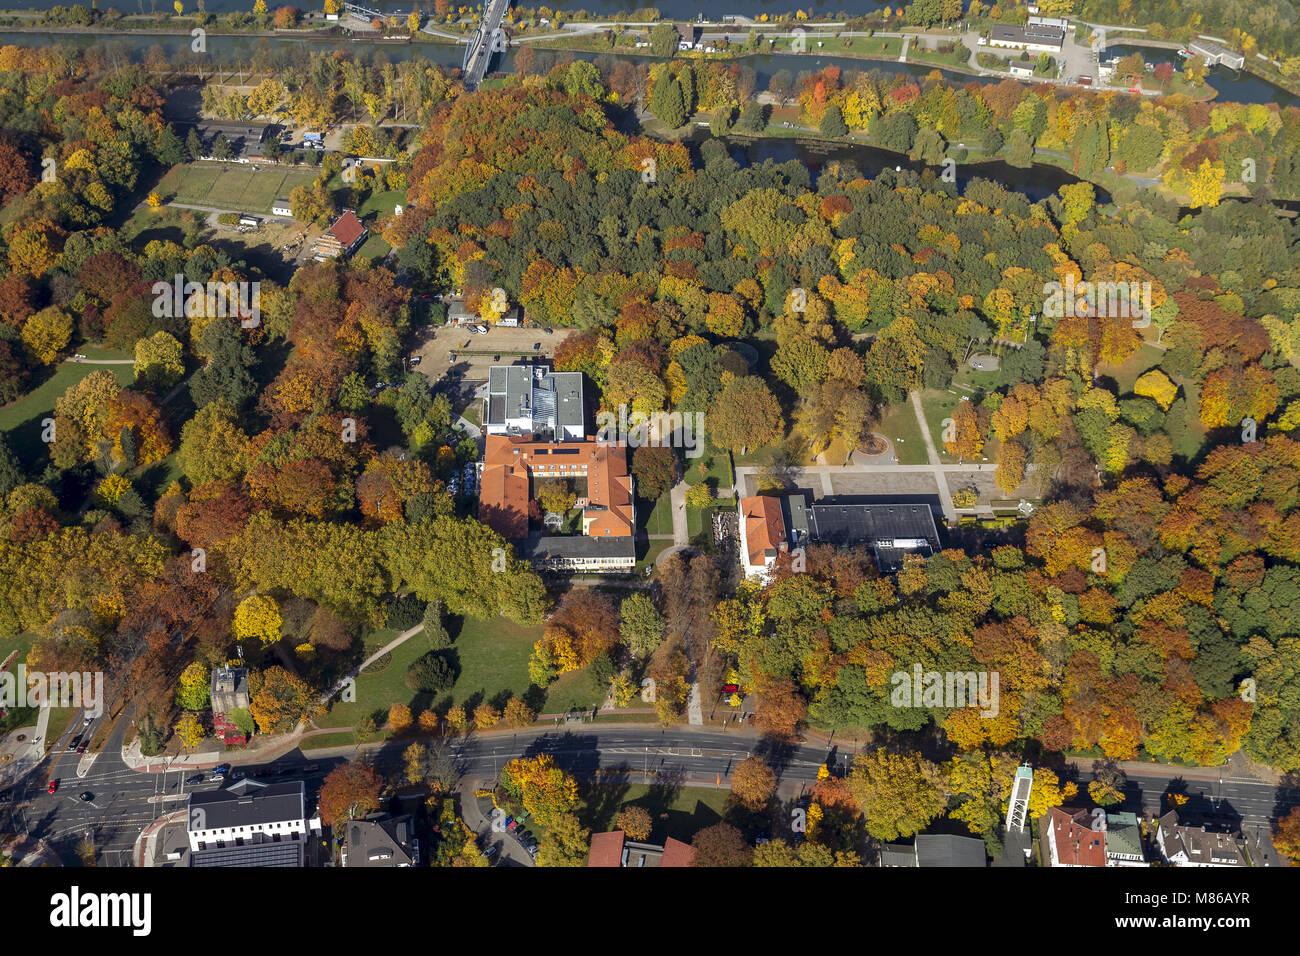 Luftbild, Bad Hamm Kurpark im Herbst, Hamm, Ruhrgebiet, Nordrhein-Westfalen, Deutschland, Europa, birds-eyes view, - Stock Image